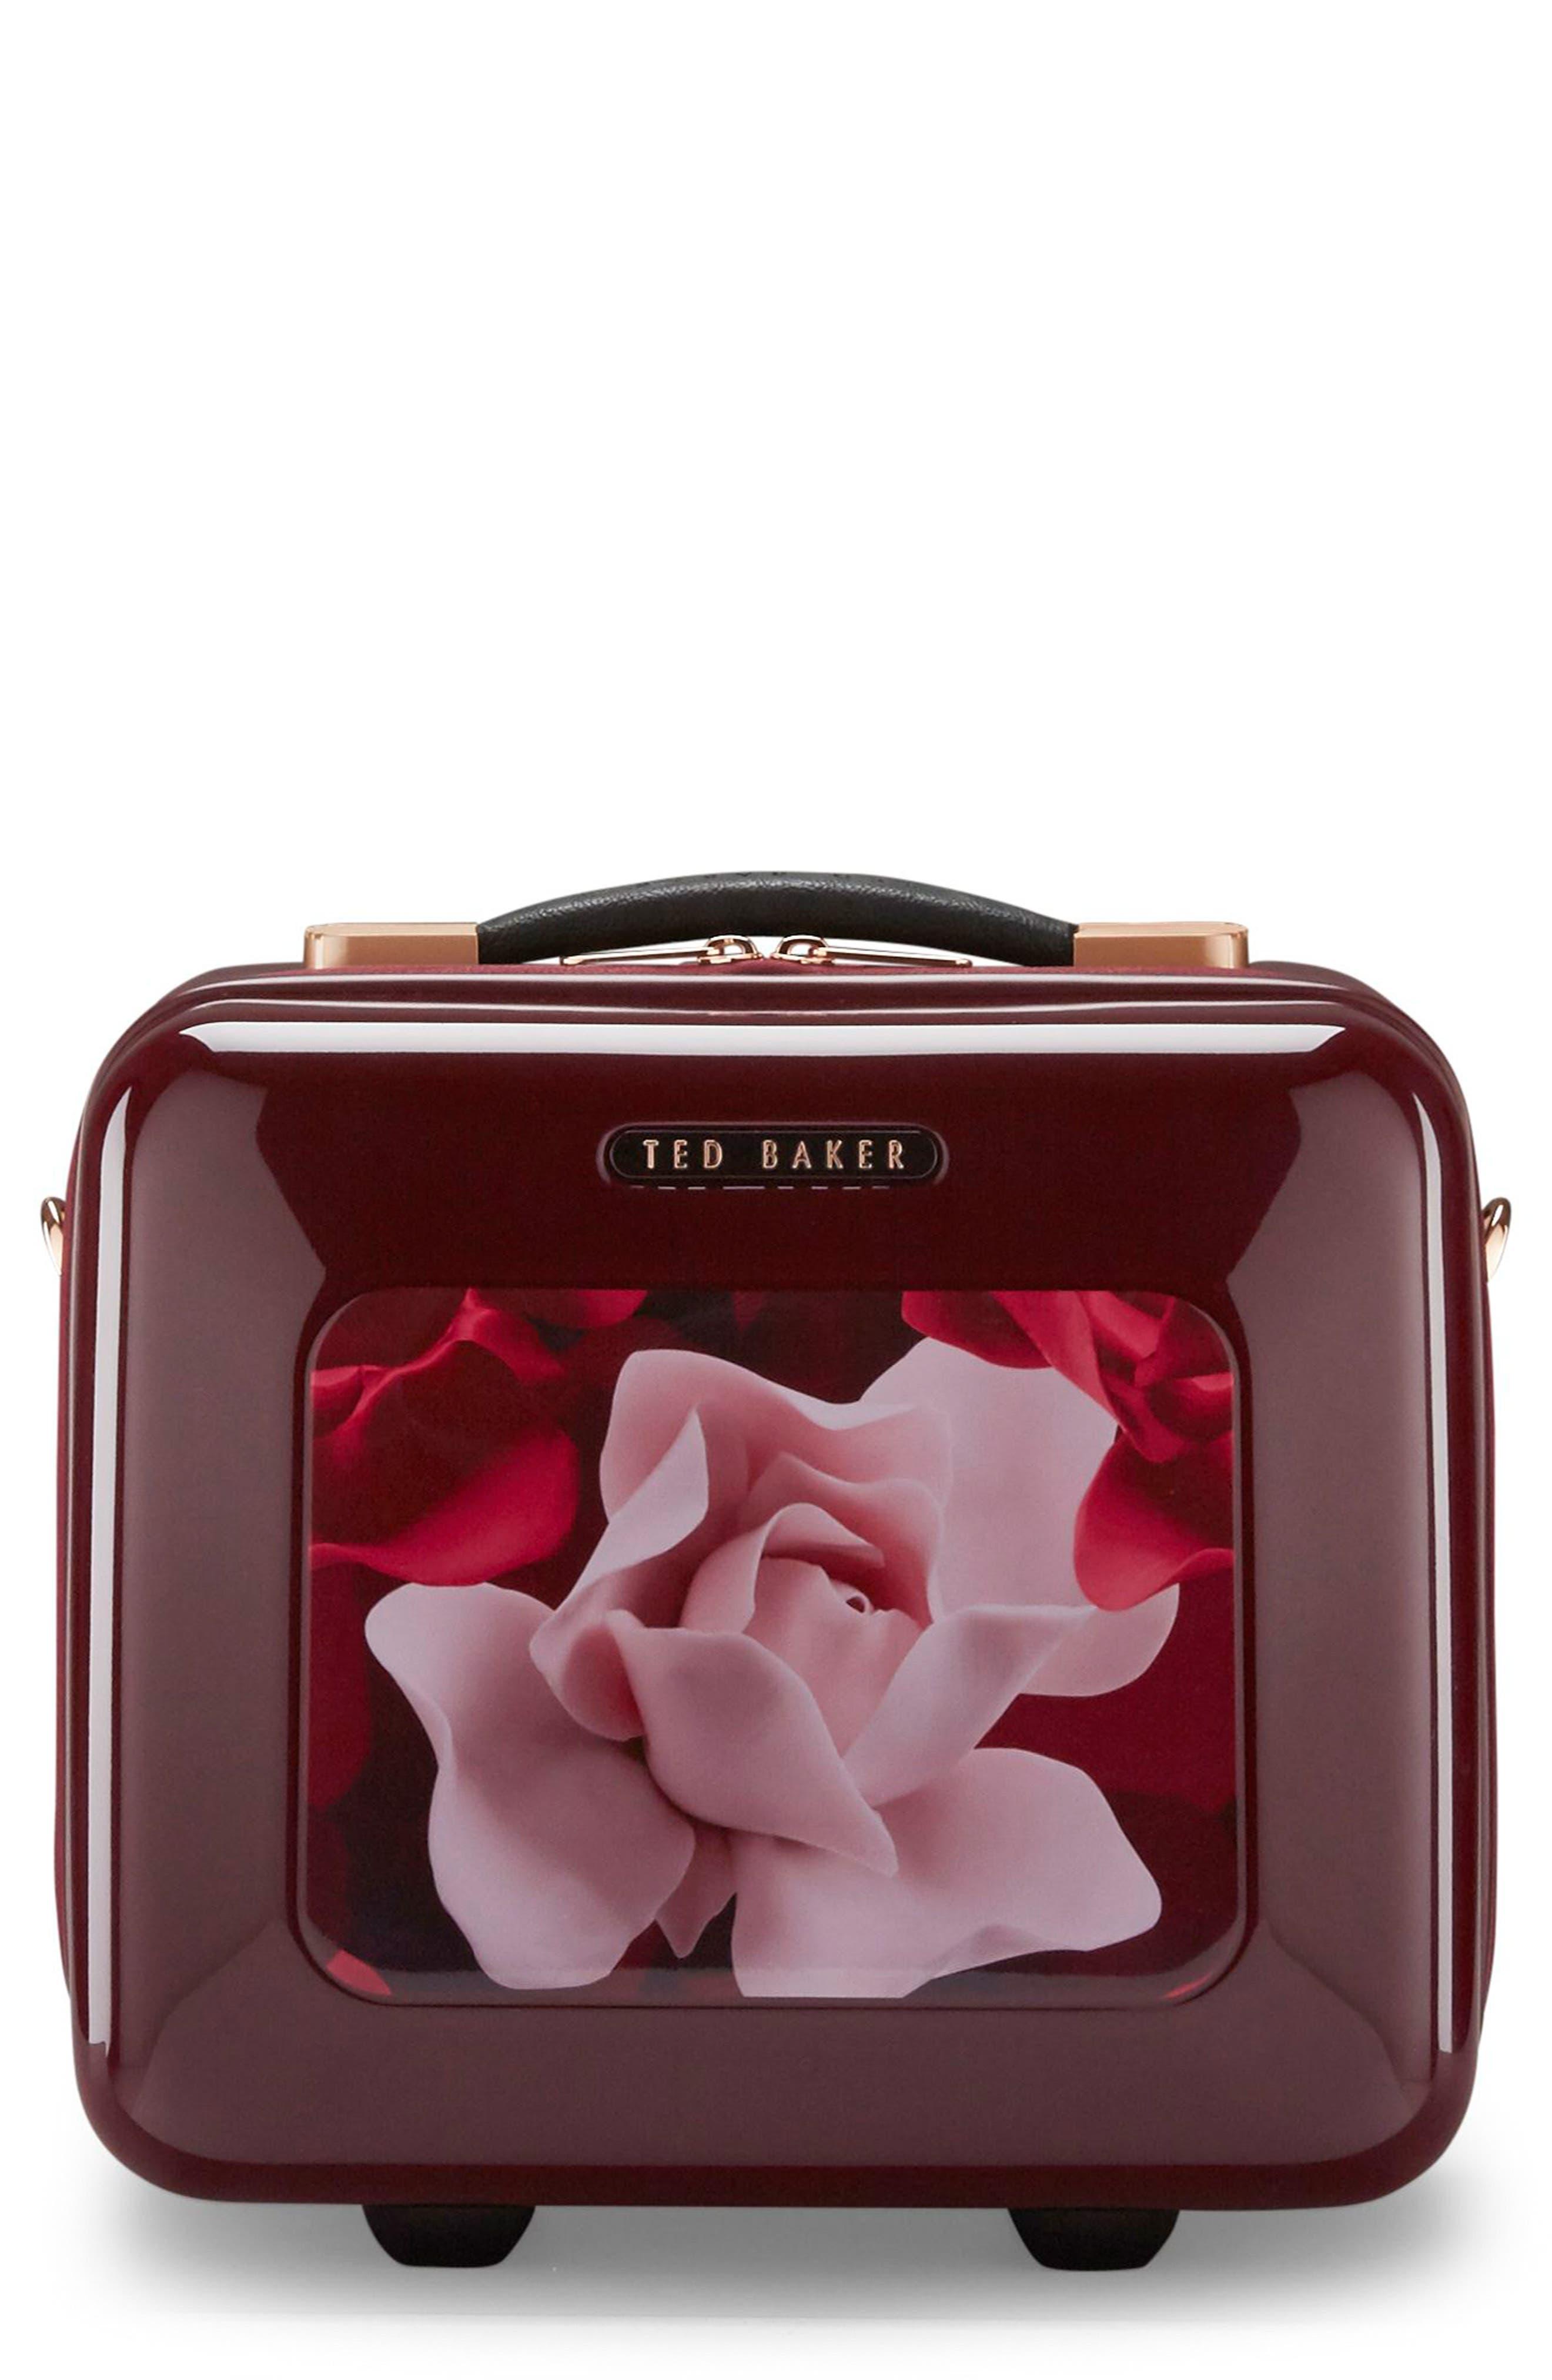 Porcelain Rose Vanity Case,                         Main,                         color, Burgundy